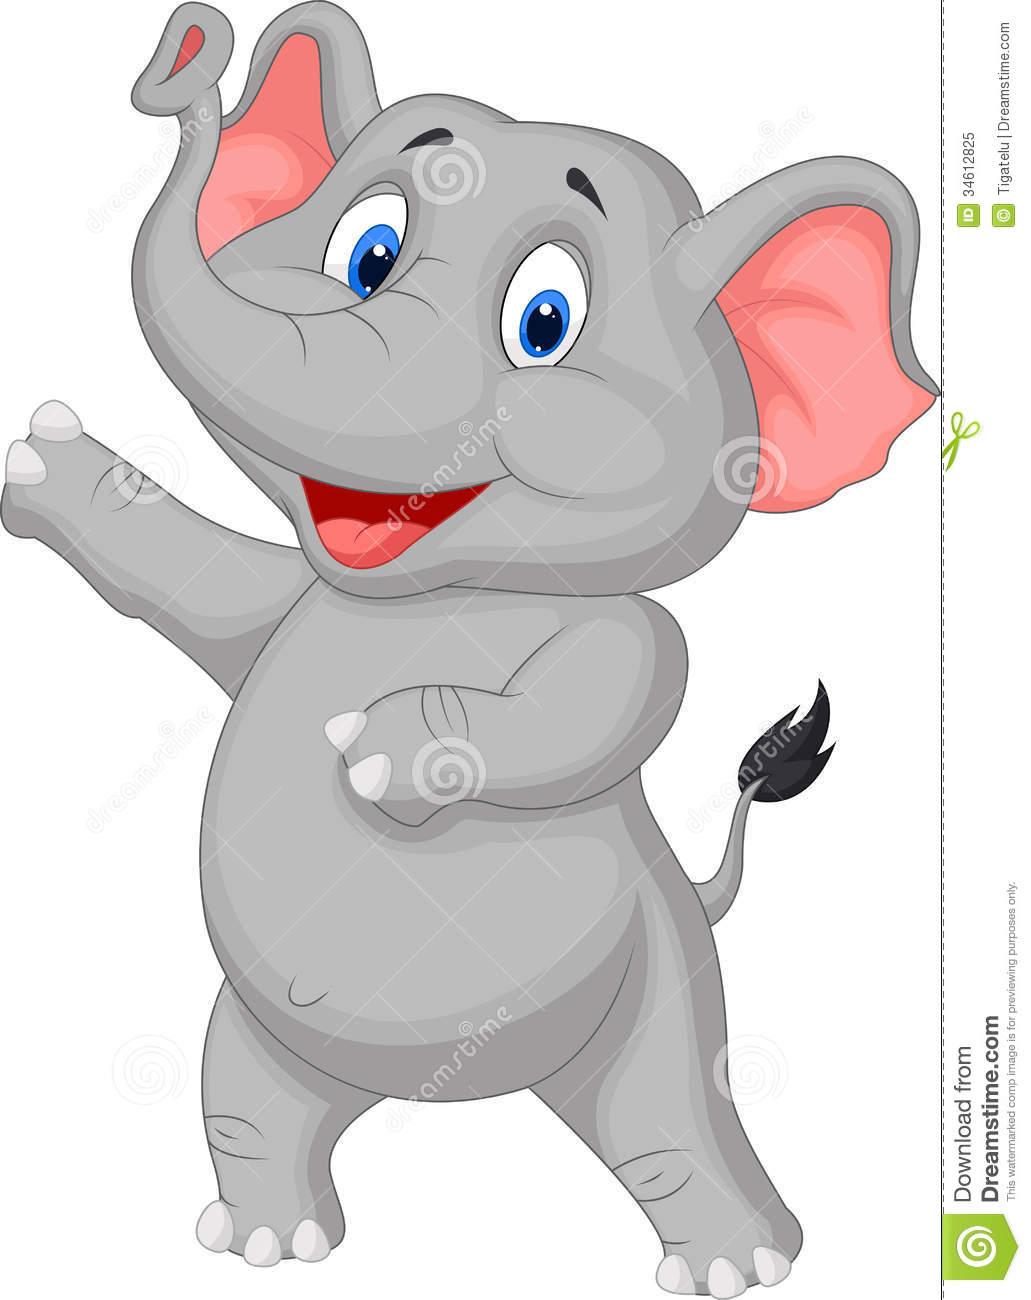 44+ Cute Cartoon Elephant Wallpaper on WallpaperSafari